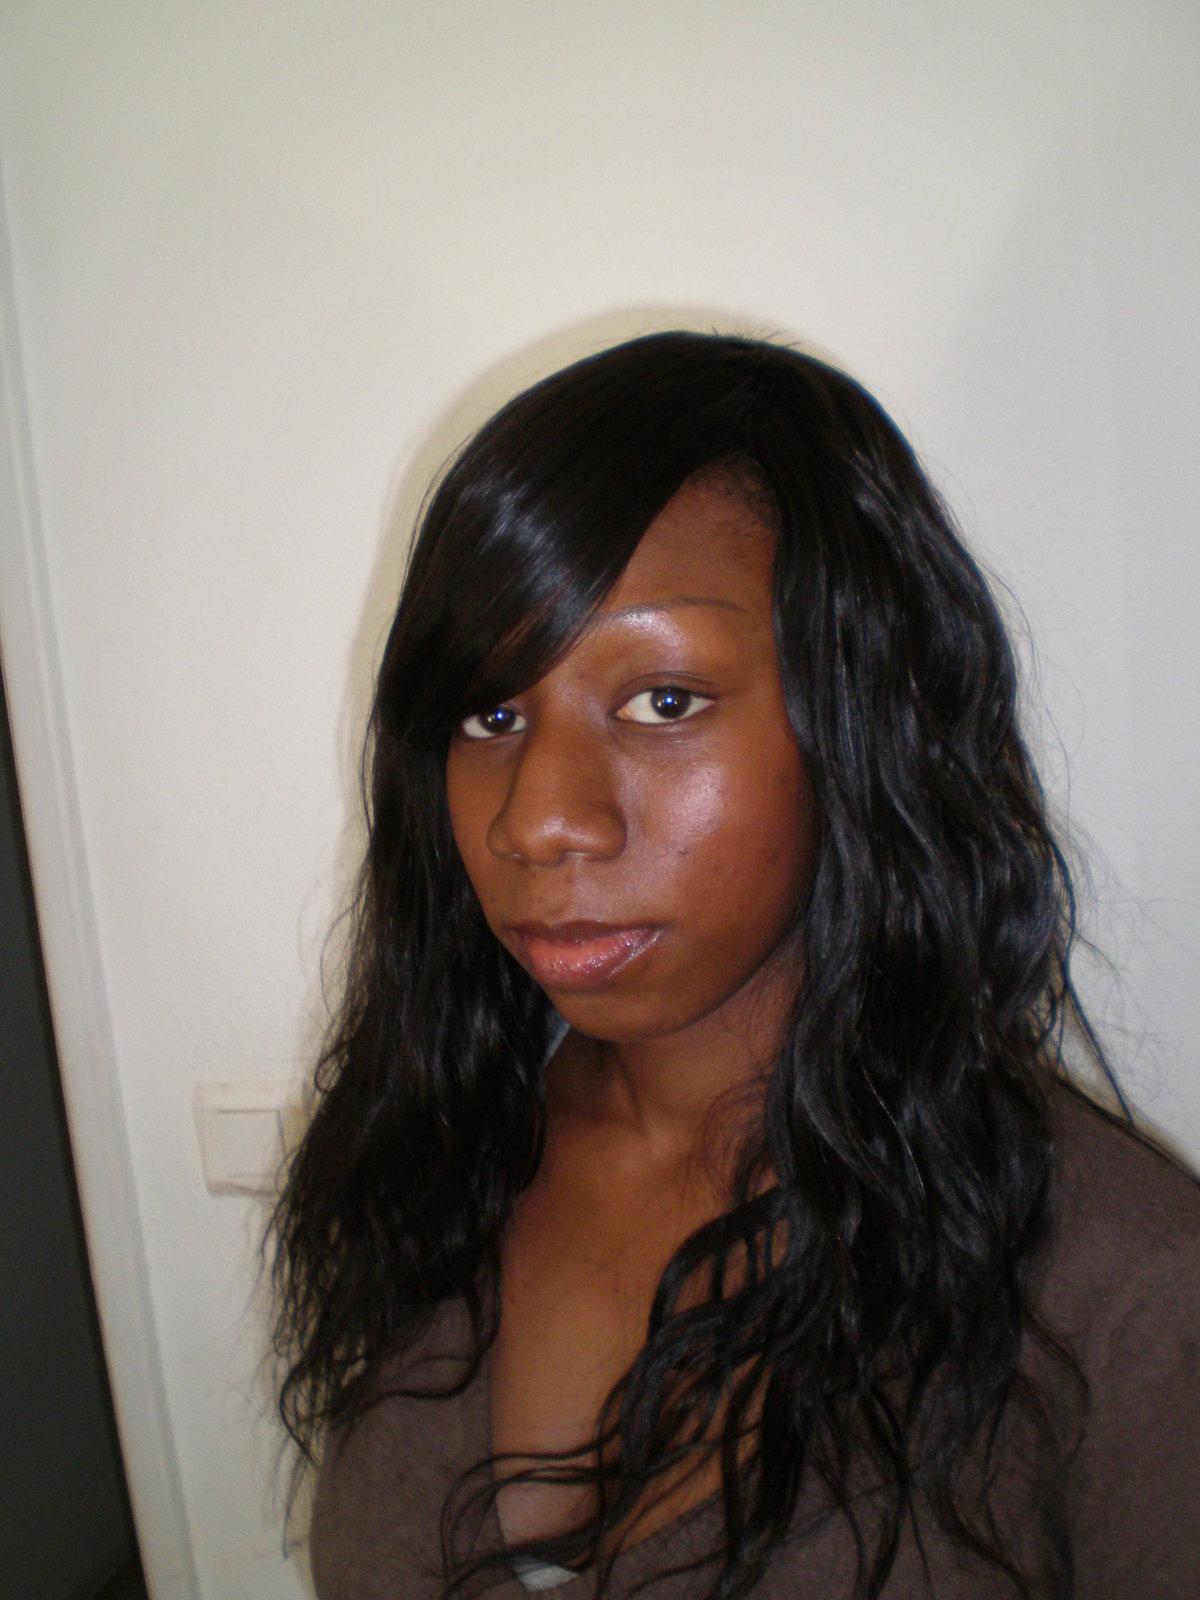 Tissage avec frange id es coiffure afro tresses vanille tissage locks braids - Coupe avec des meches africaine ...